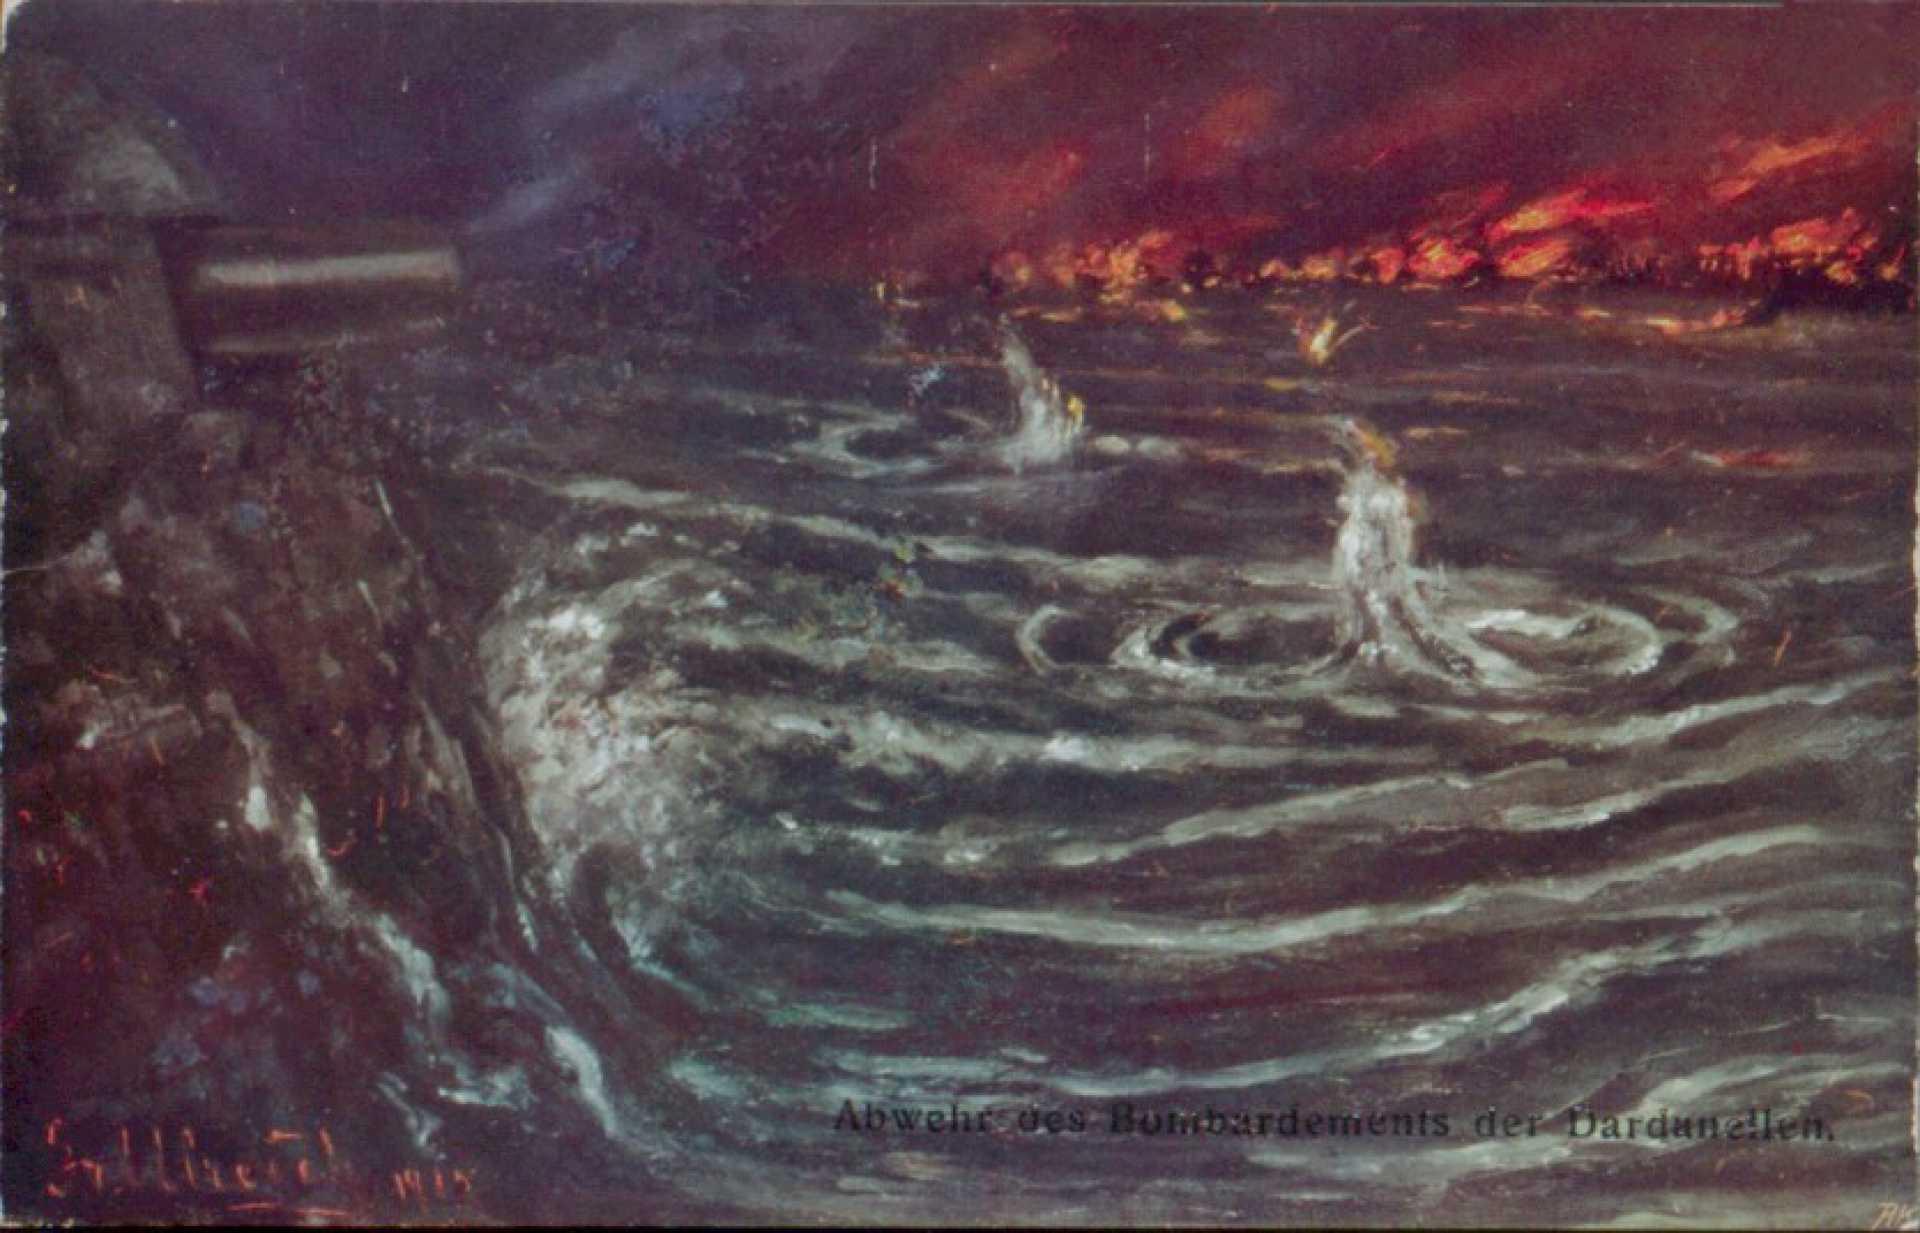 Abwehr des Bombardementd der Dardanellen